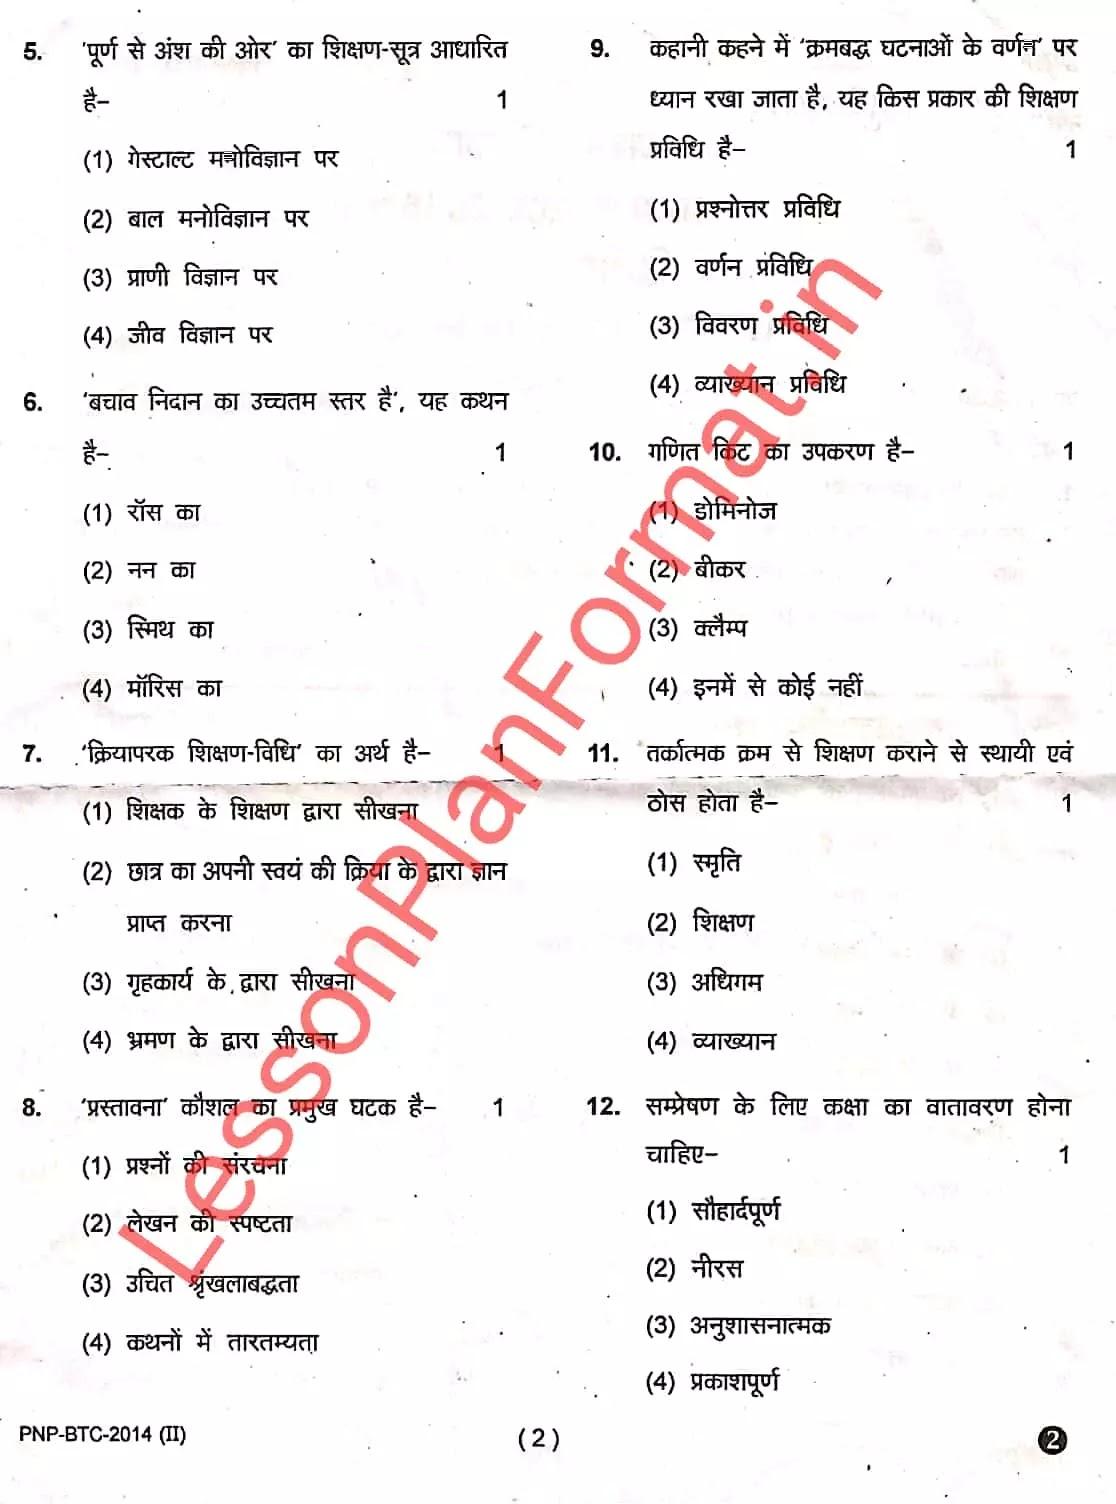 बीटीसी प्रथम सेमेस्टर परीक्षा पेपर